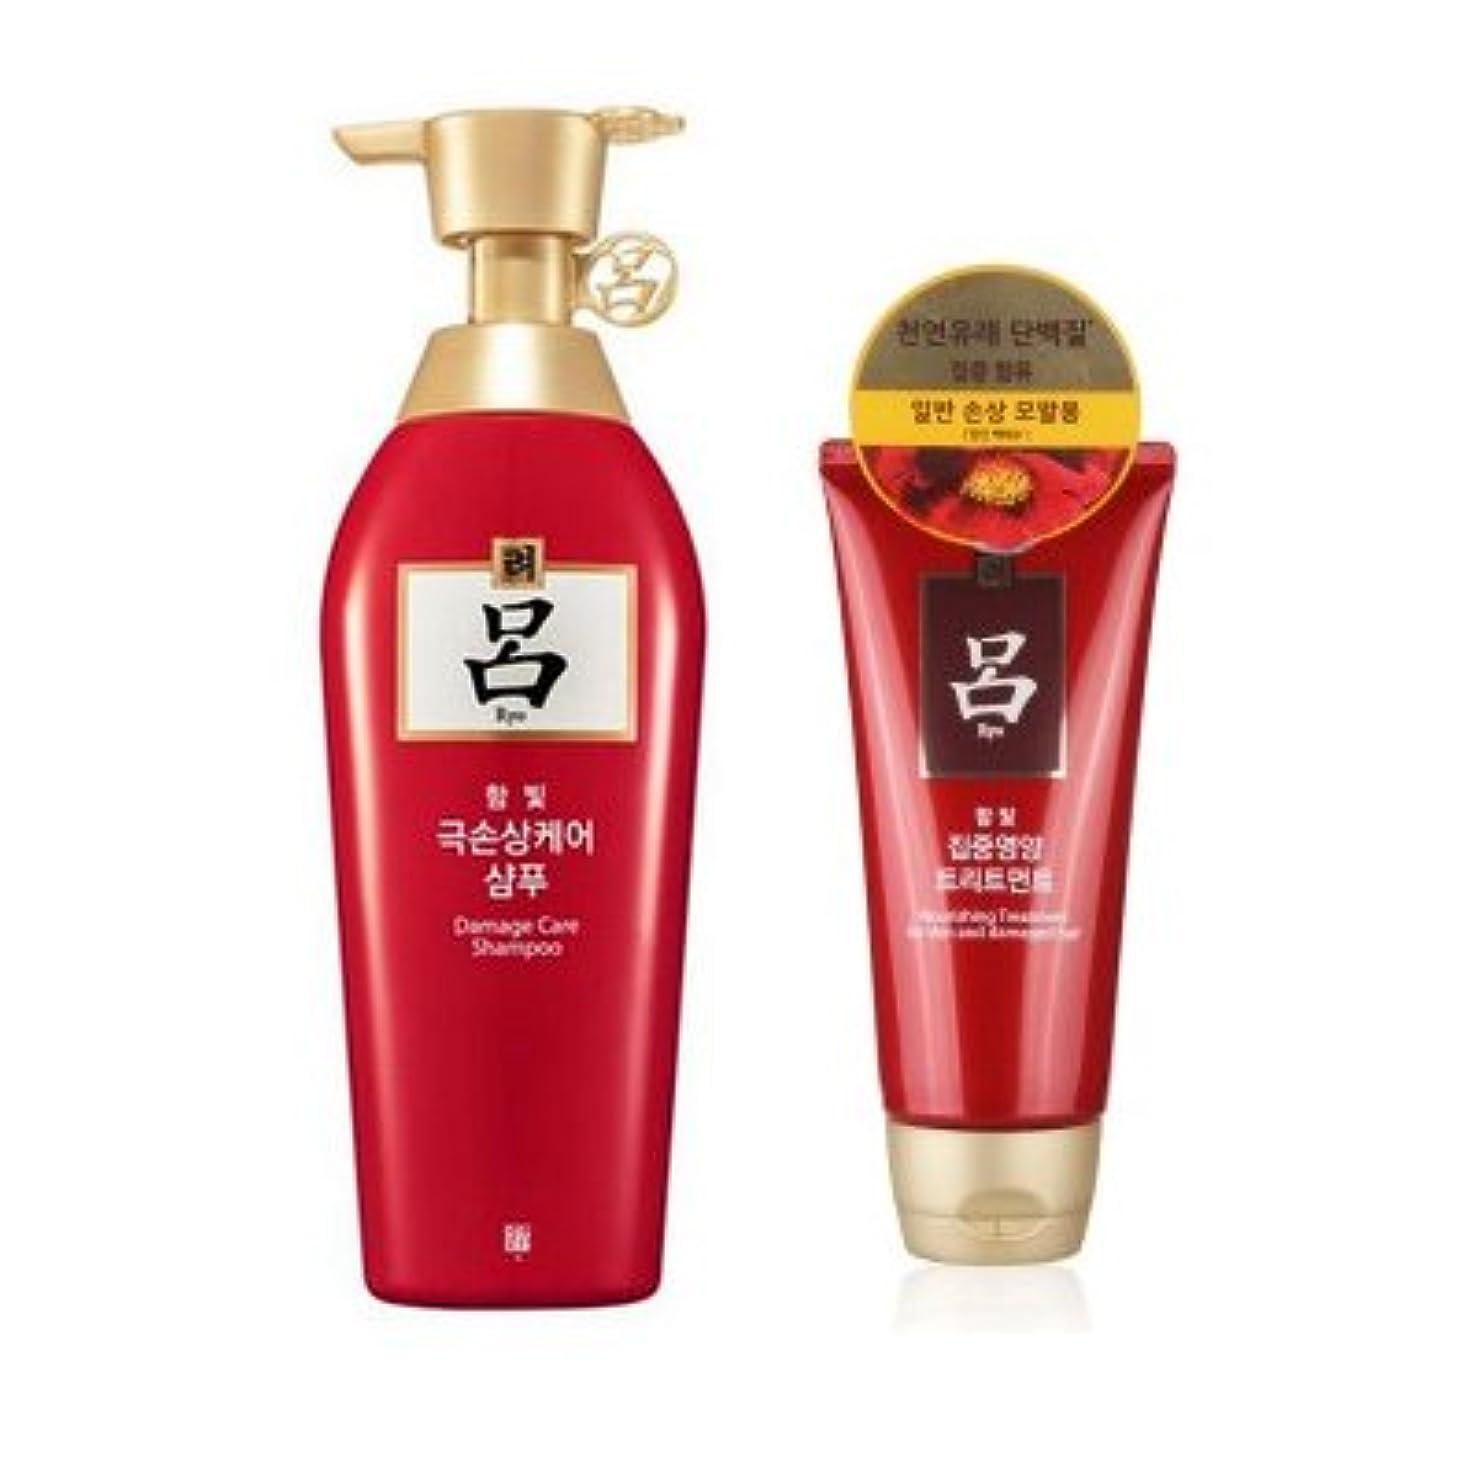 スペードフレームワークつかの間韓国化粧品[amorepacific] 「呂」漢方ハンビット毛シャンプー&トリートメント[海外直送品] [並行輸入品]